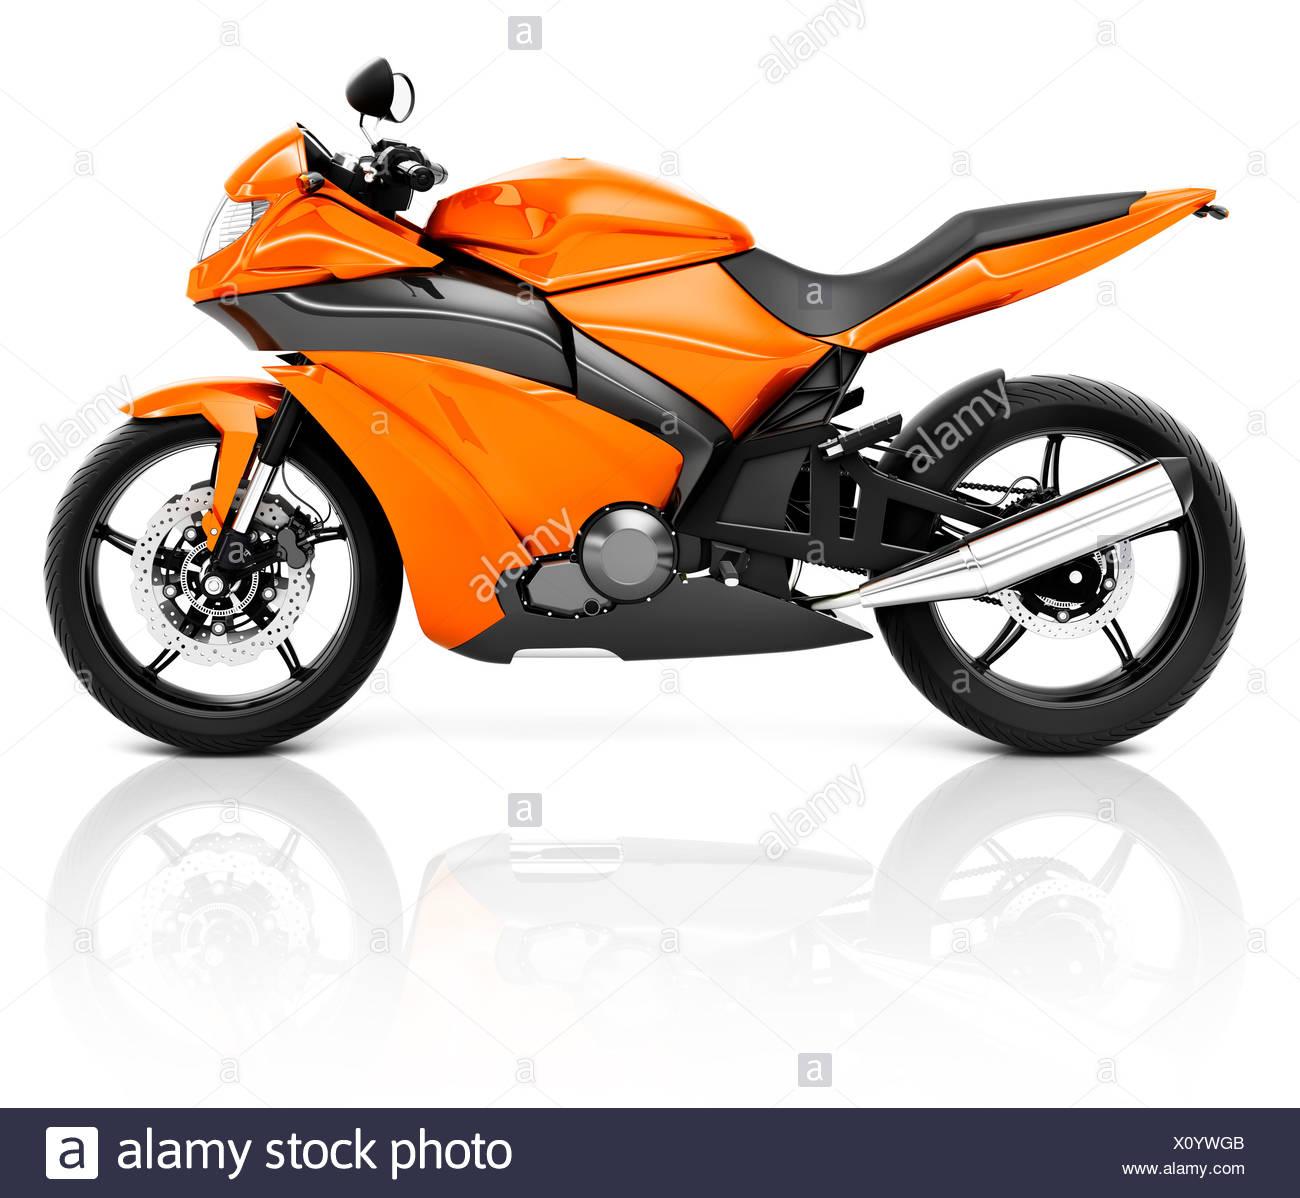 3D Image of an Orange Modern Motorbike - Stock Image